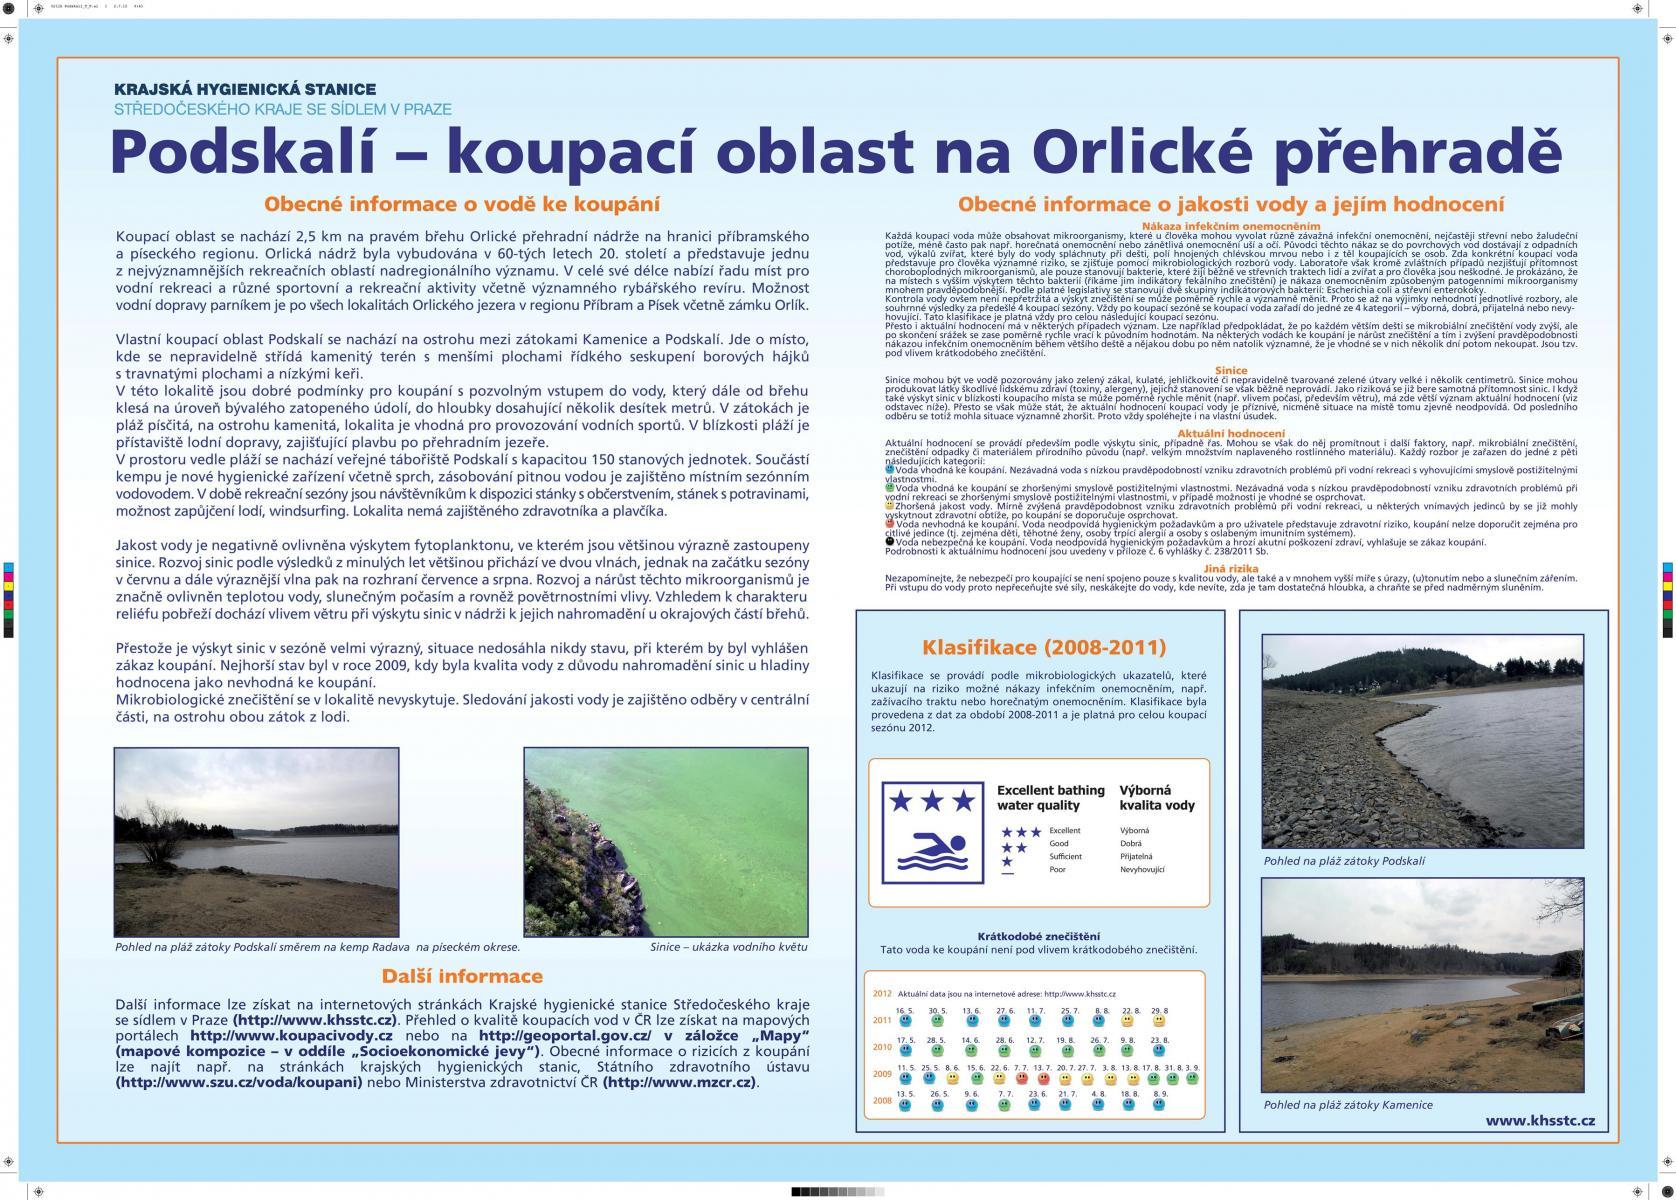 Vodní nádrž Orlík - popis koupacích vod